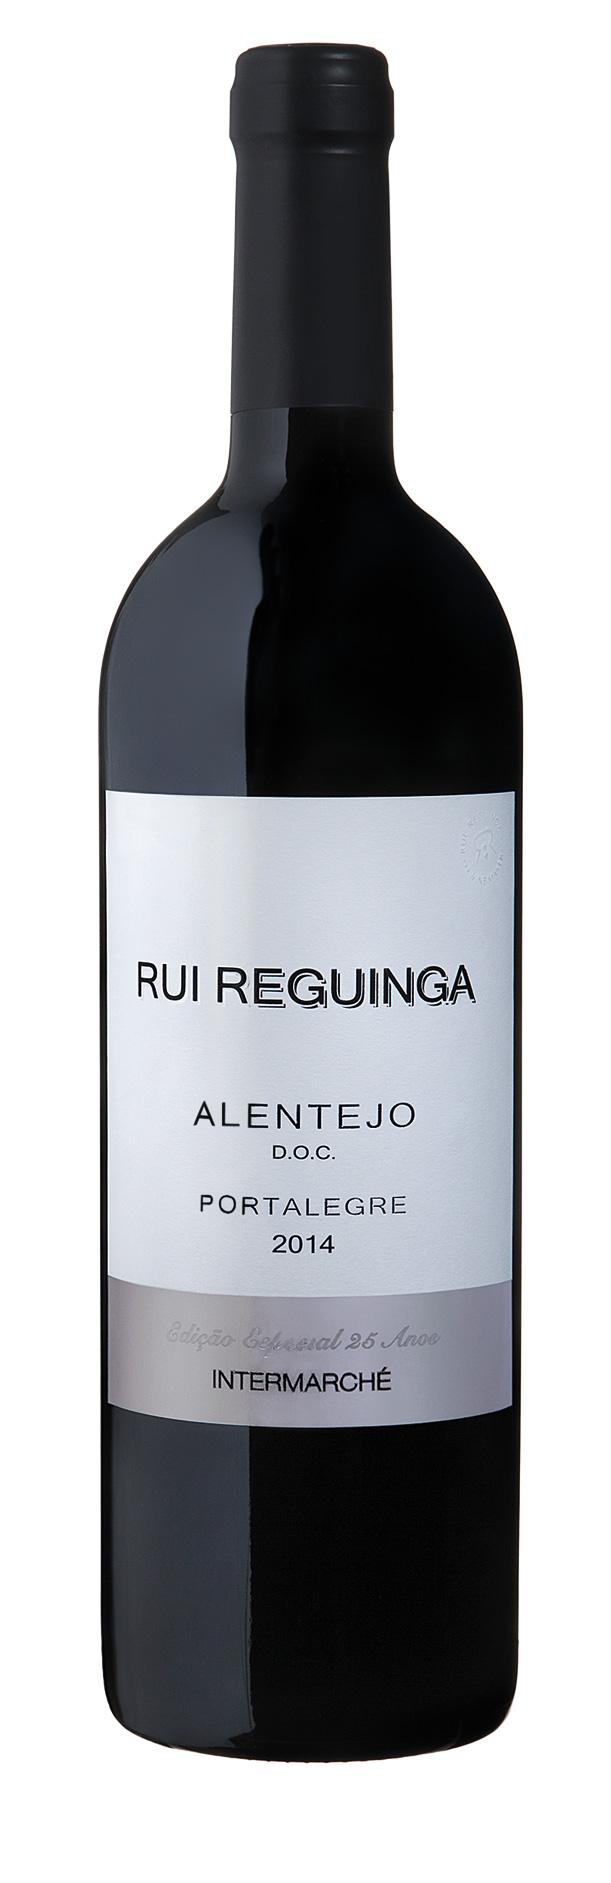 Rui-Reguinga-Alentejo